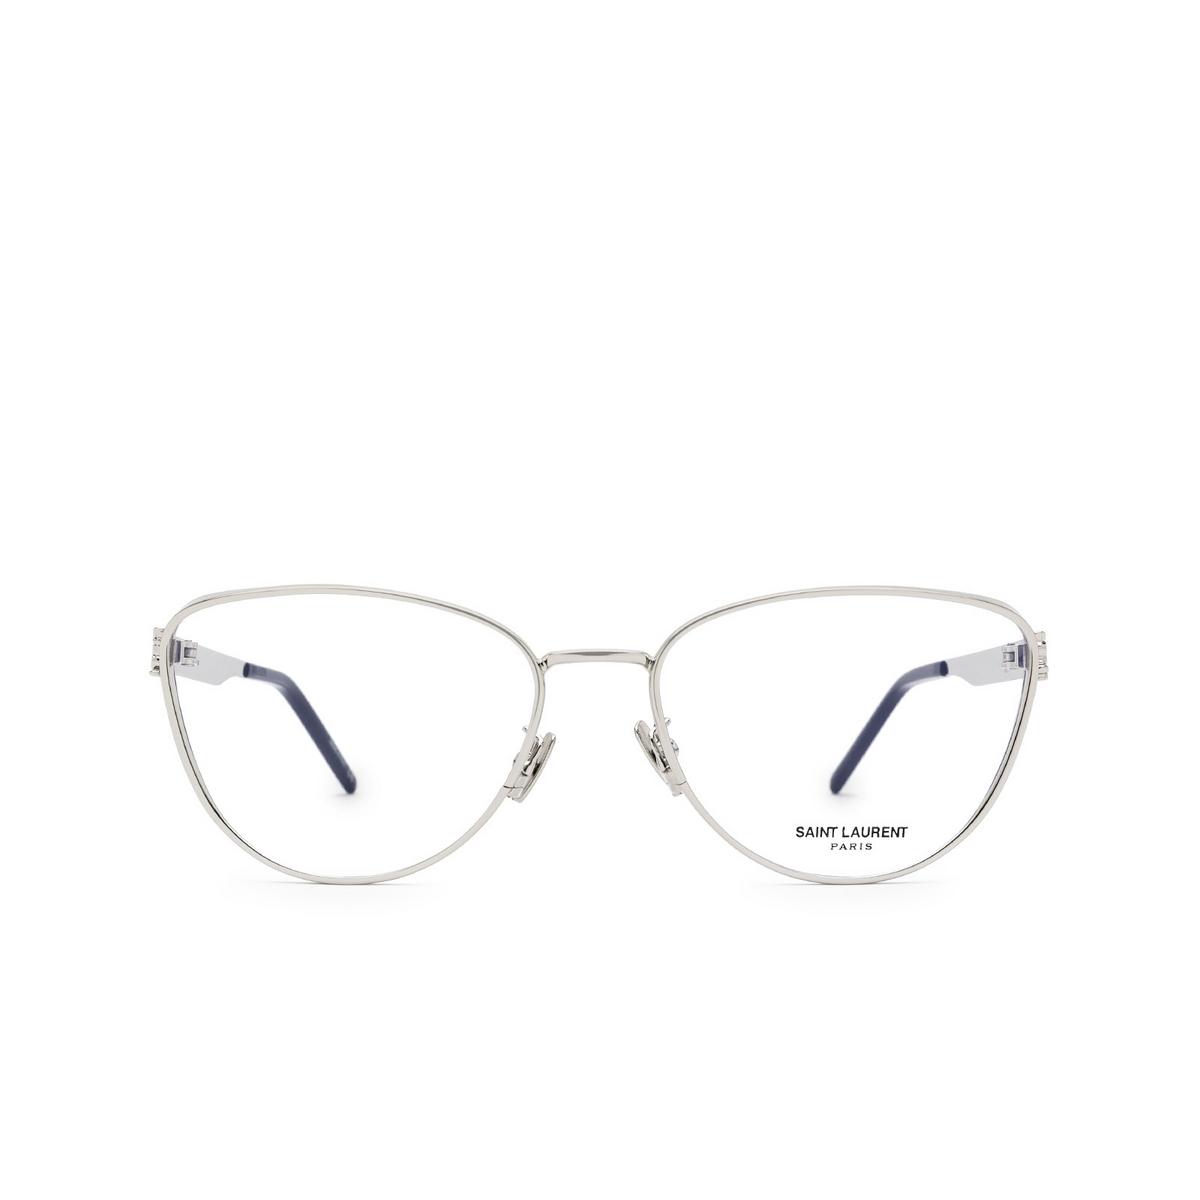 Saint Laurent® Cat-eye Eyeglasses: SL M92 color Silver 001 - front view.